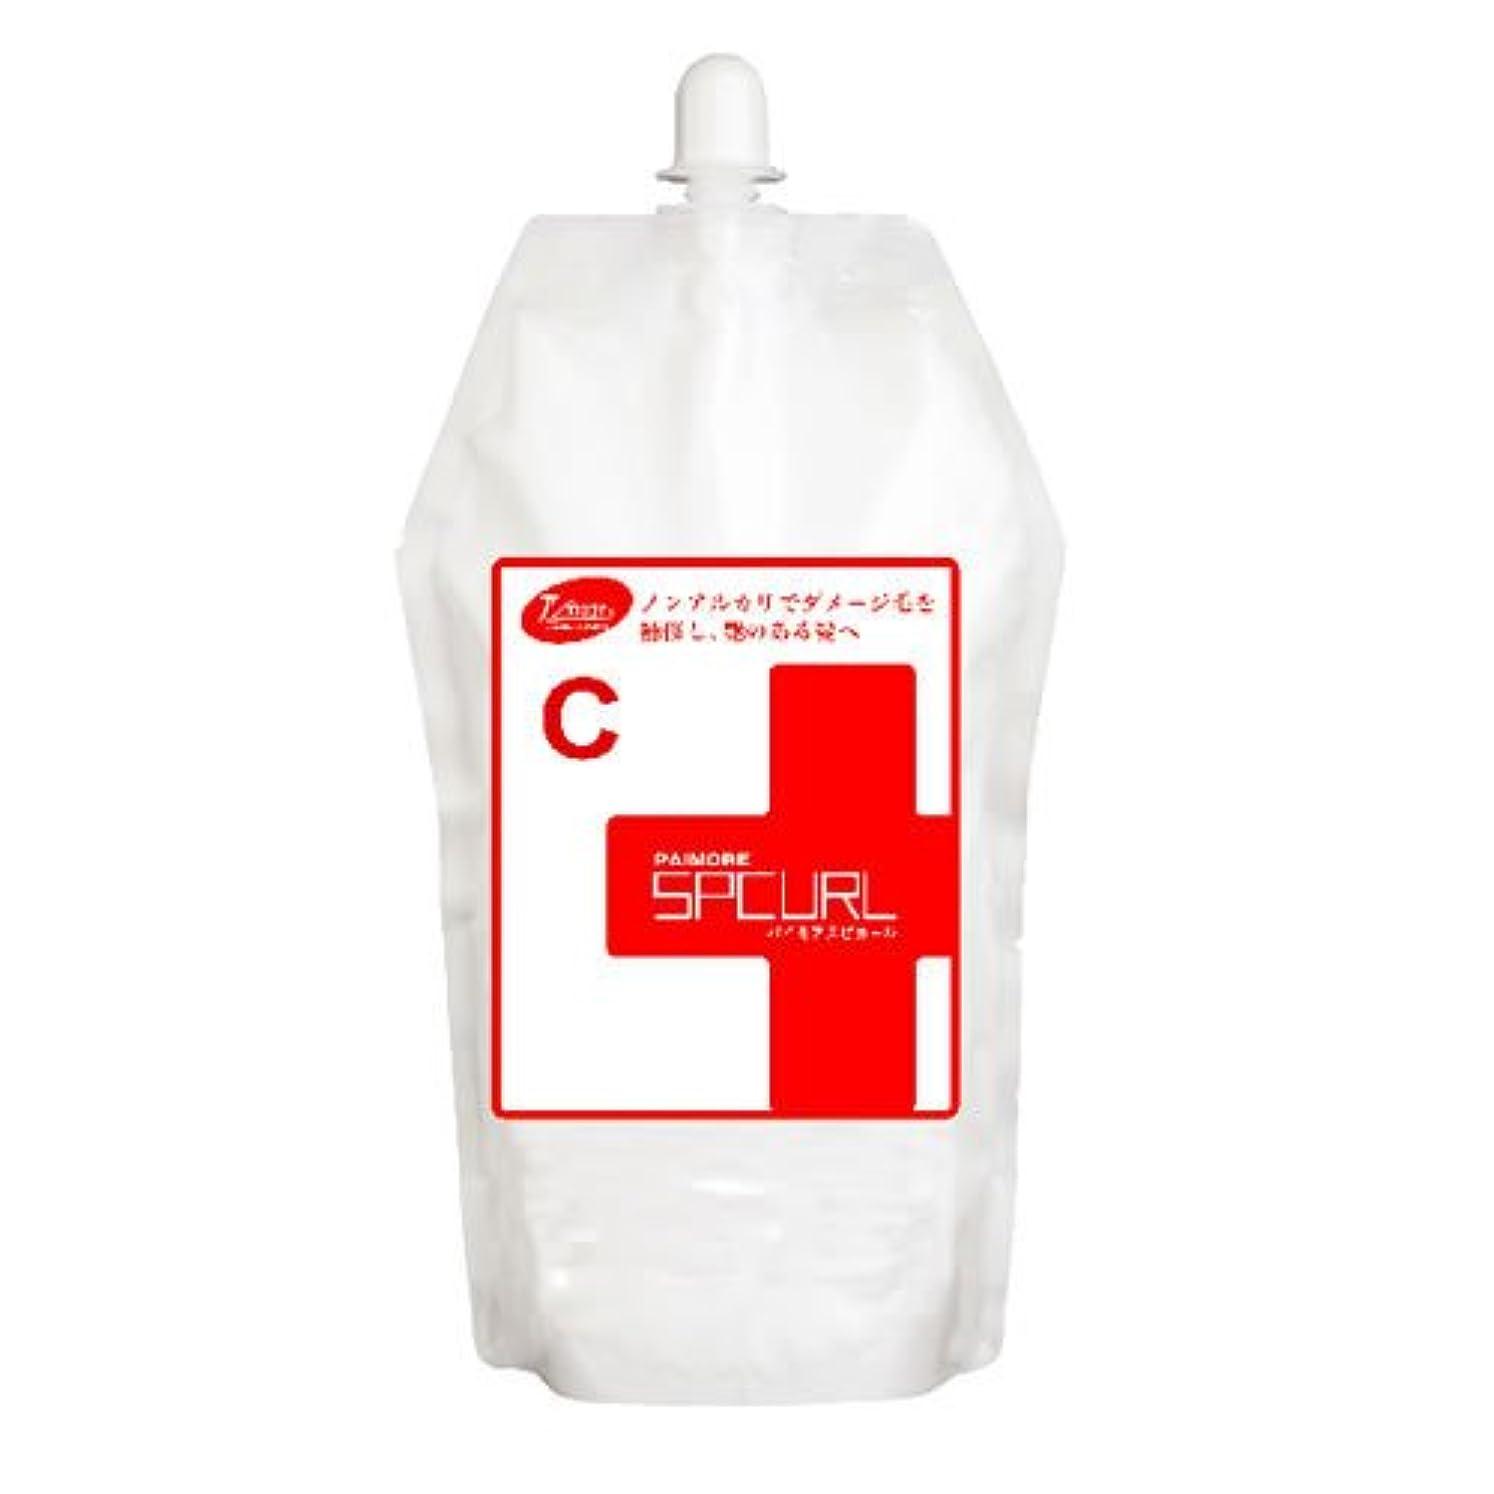 ふくろうベースが欲しいパイモア スピカール クリームトリートメント 1-C 1000g SPCURL